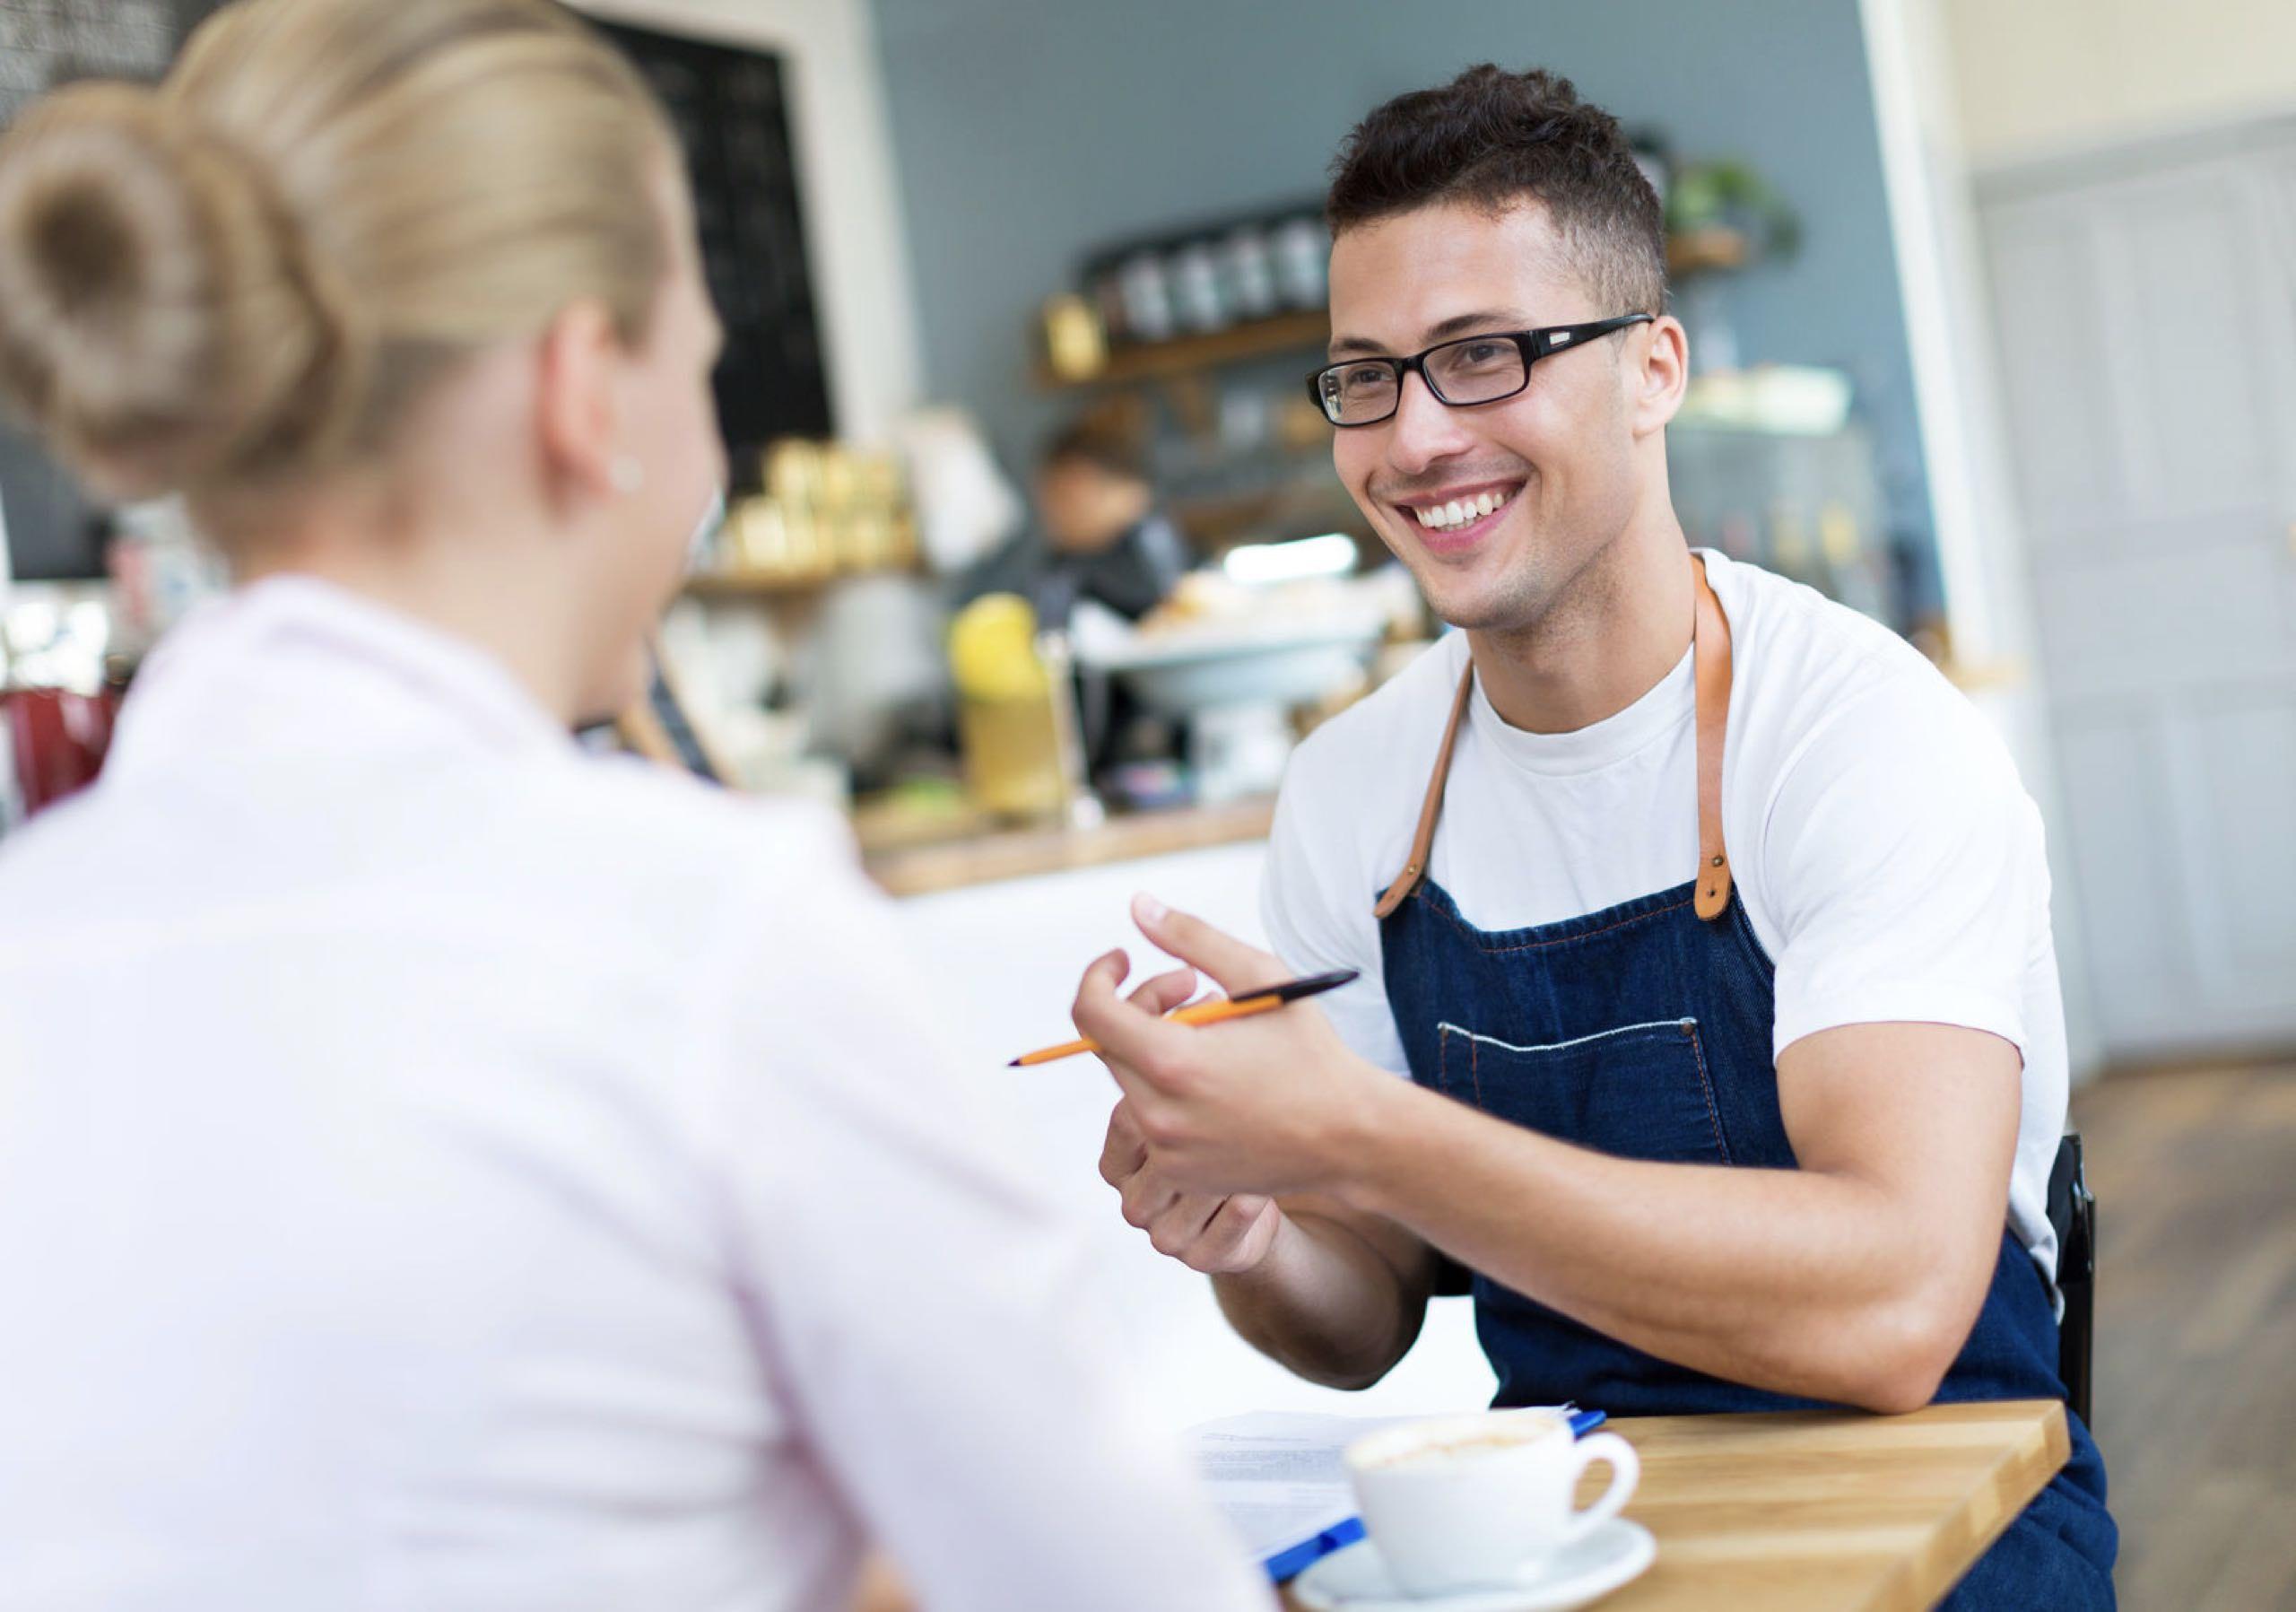 Работа в сфере продаж и услуг: вакансии с карьерной перспективой